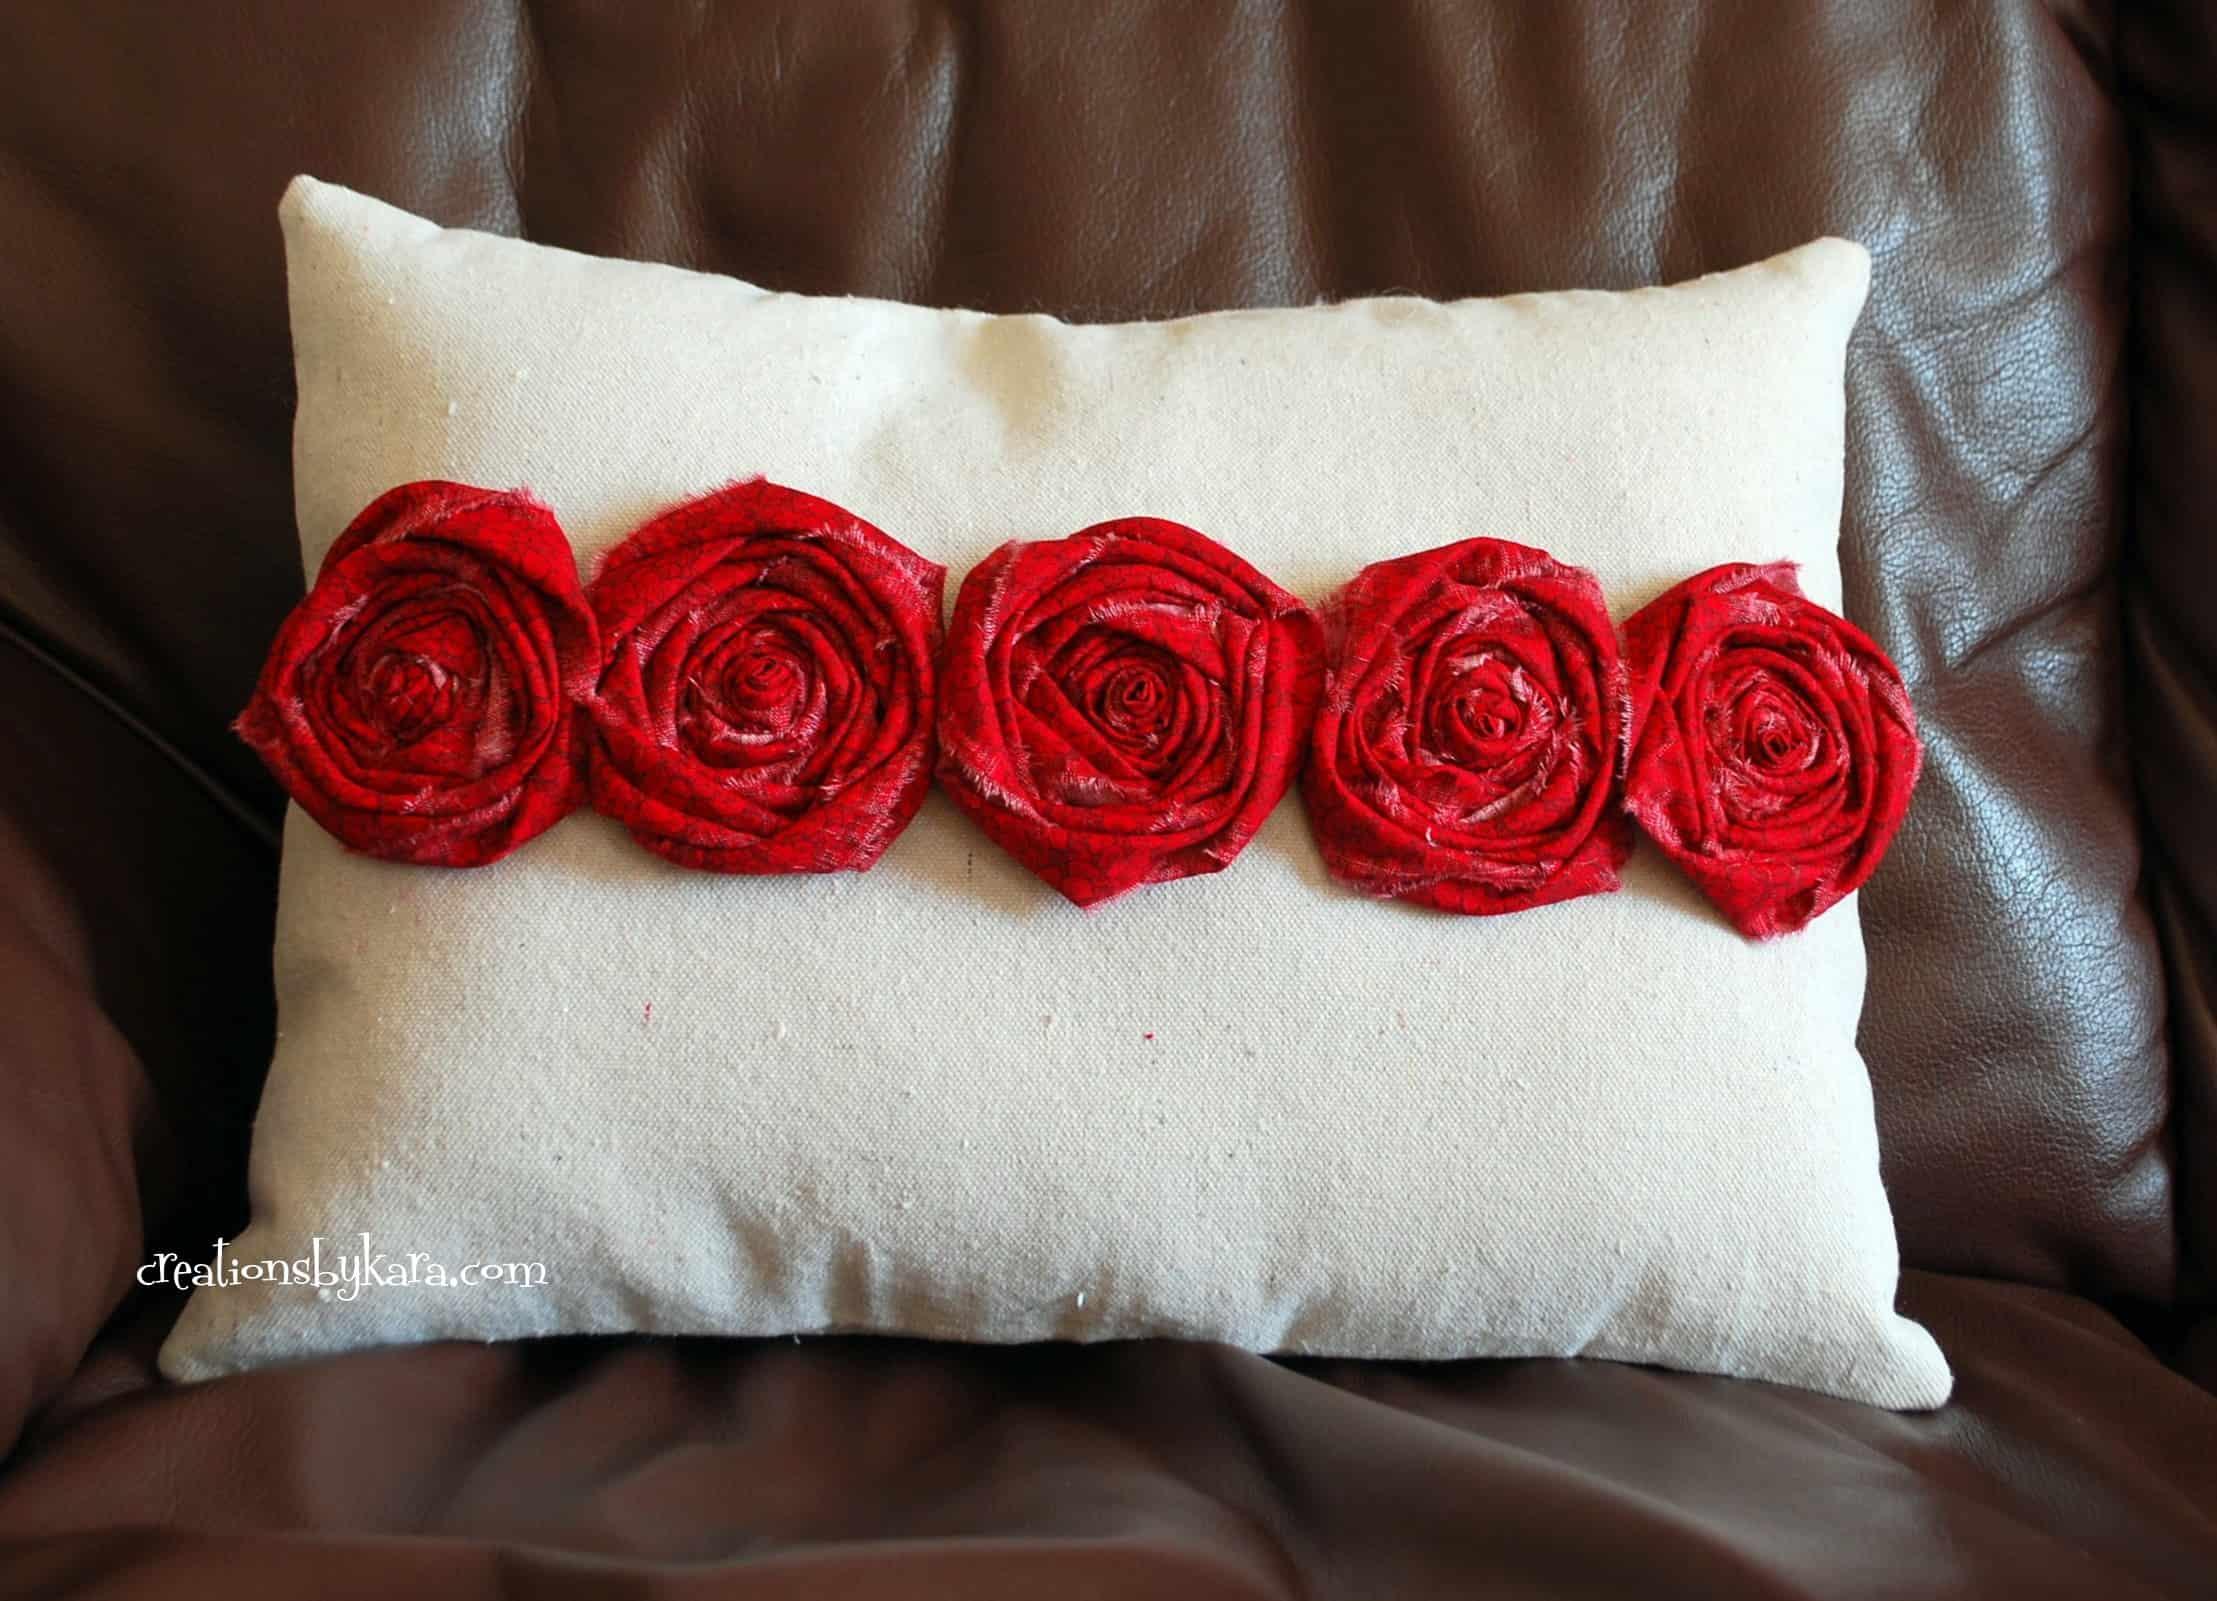 rosette-pillow